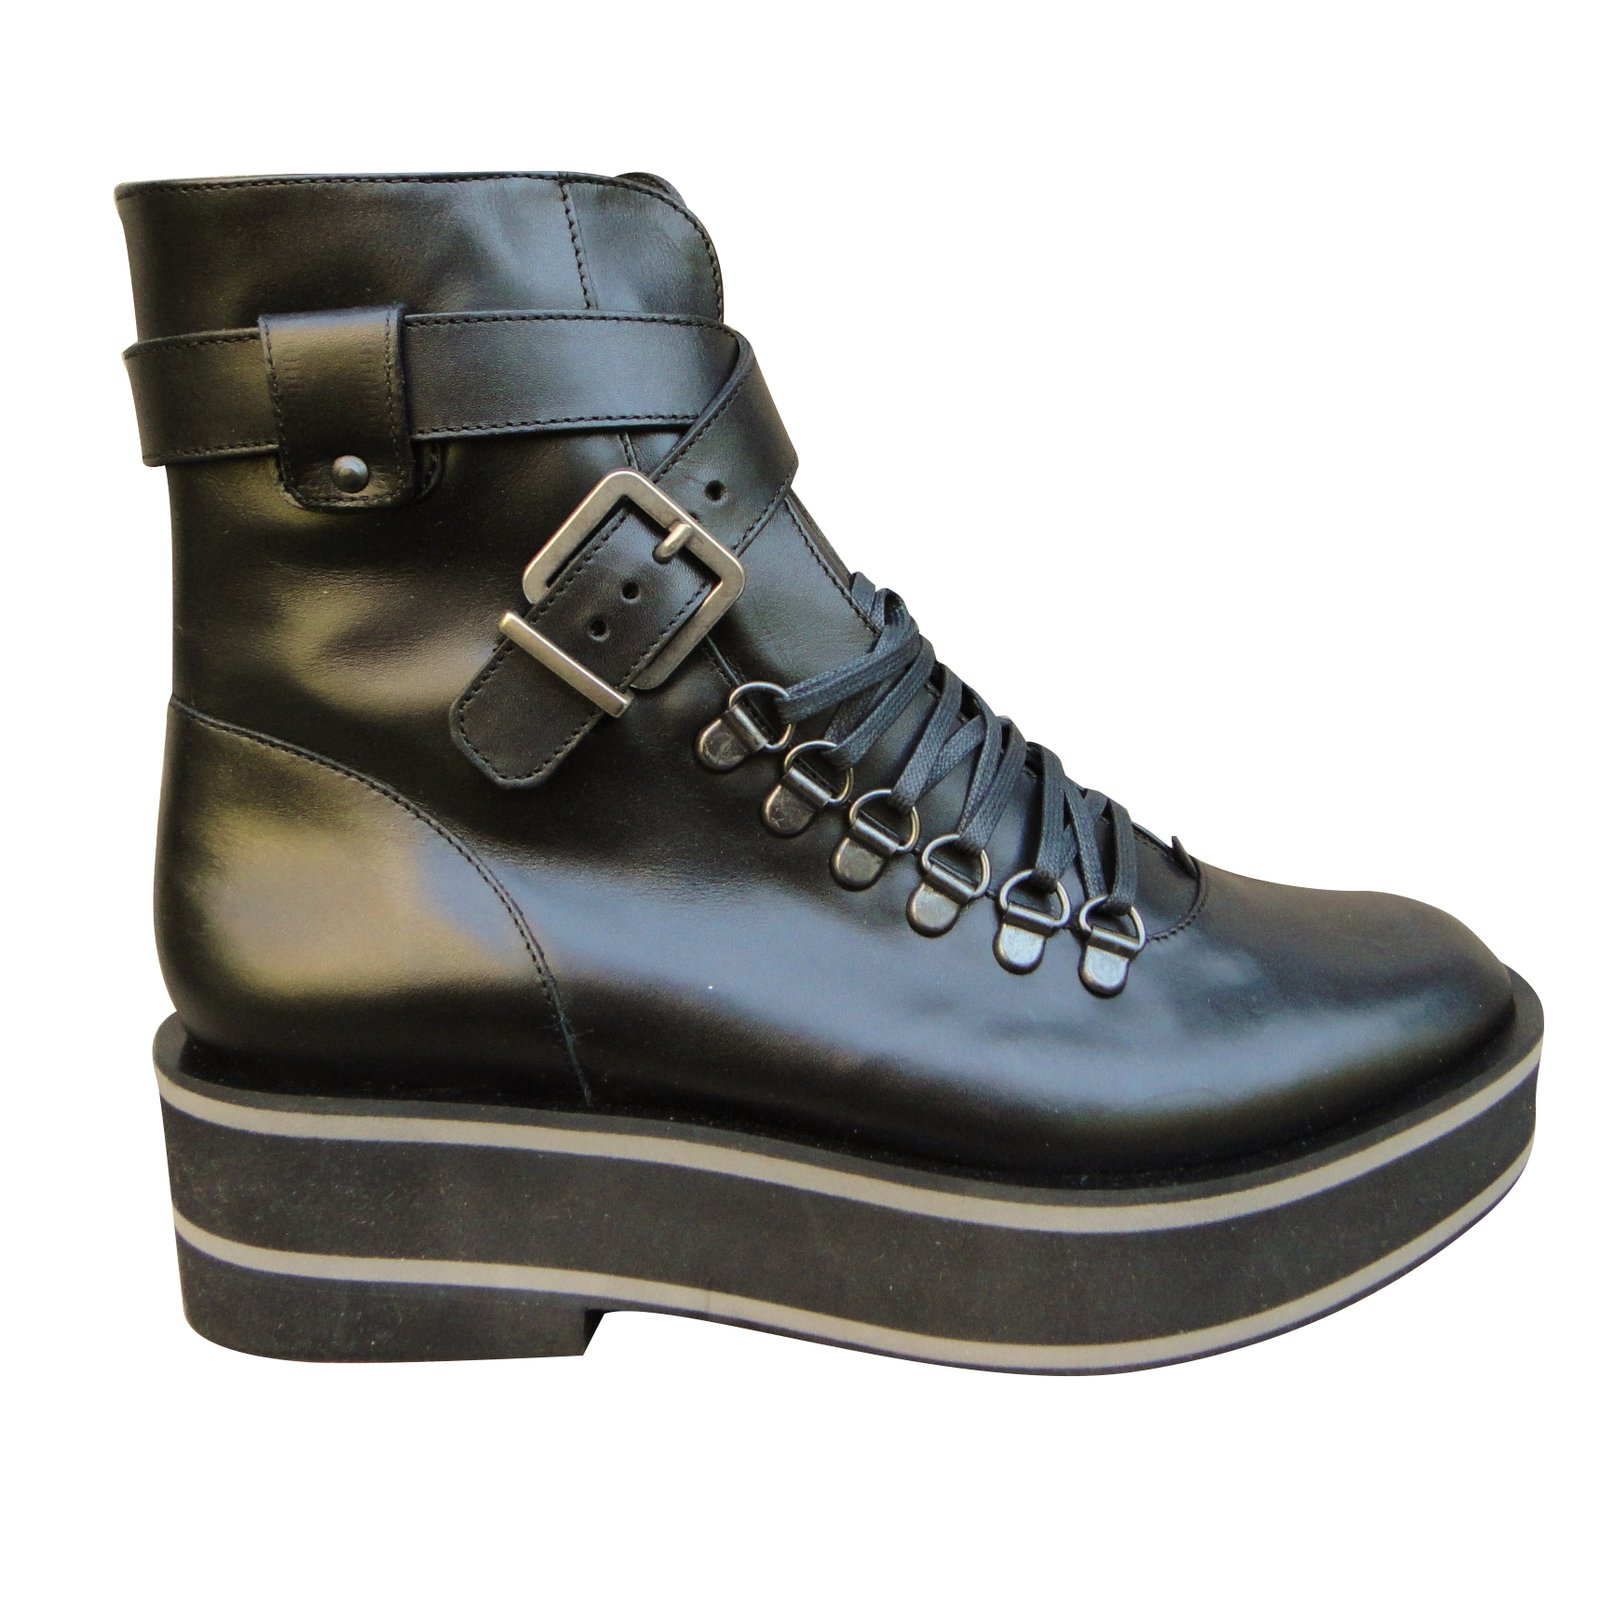 Robert Clergerie Boots En Cuir Sneakernews En Ligne Vente Magasin De Dédouanement Des Images D'expédition Vente Meilleur Prix Sortie 100% Garanti hjrFo